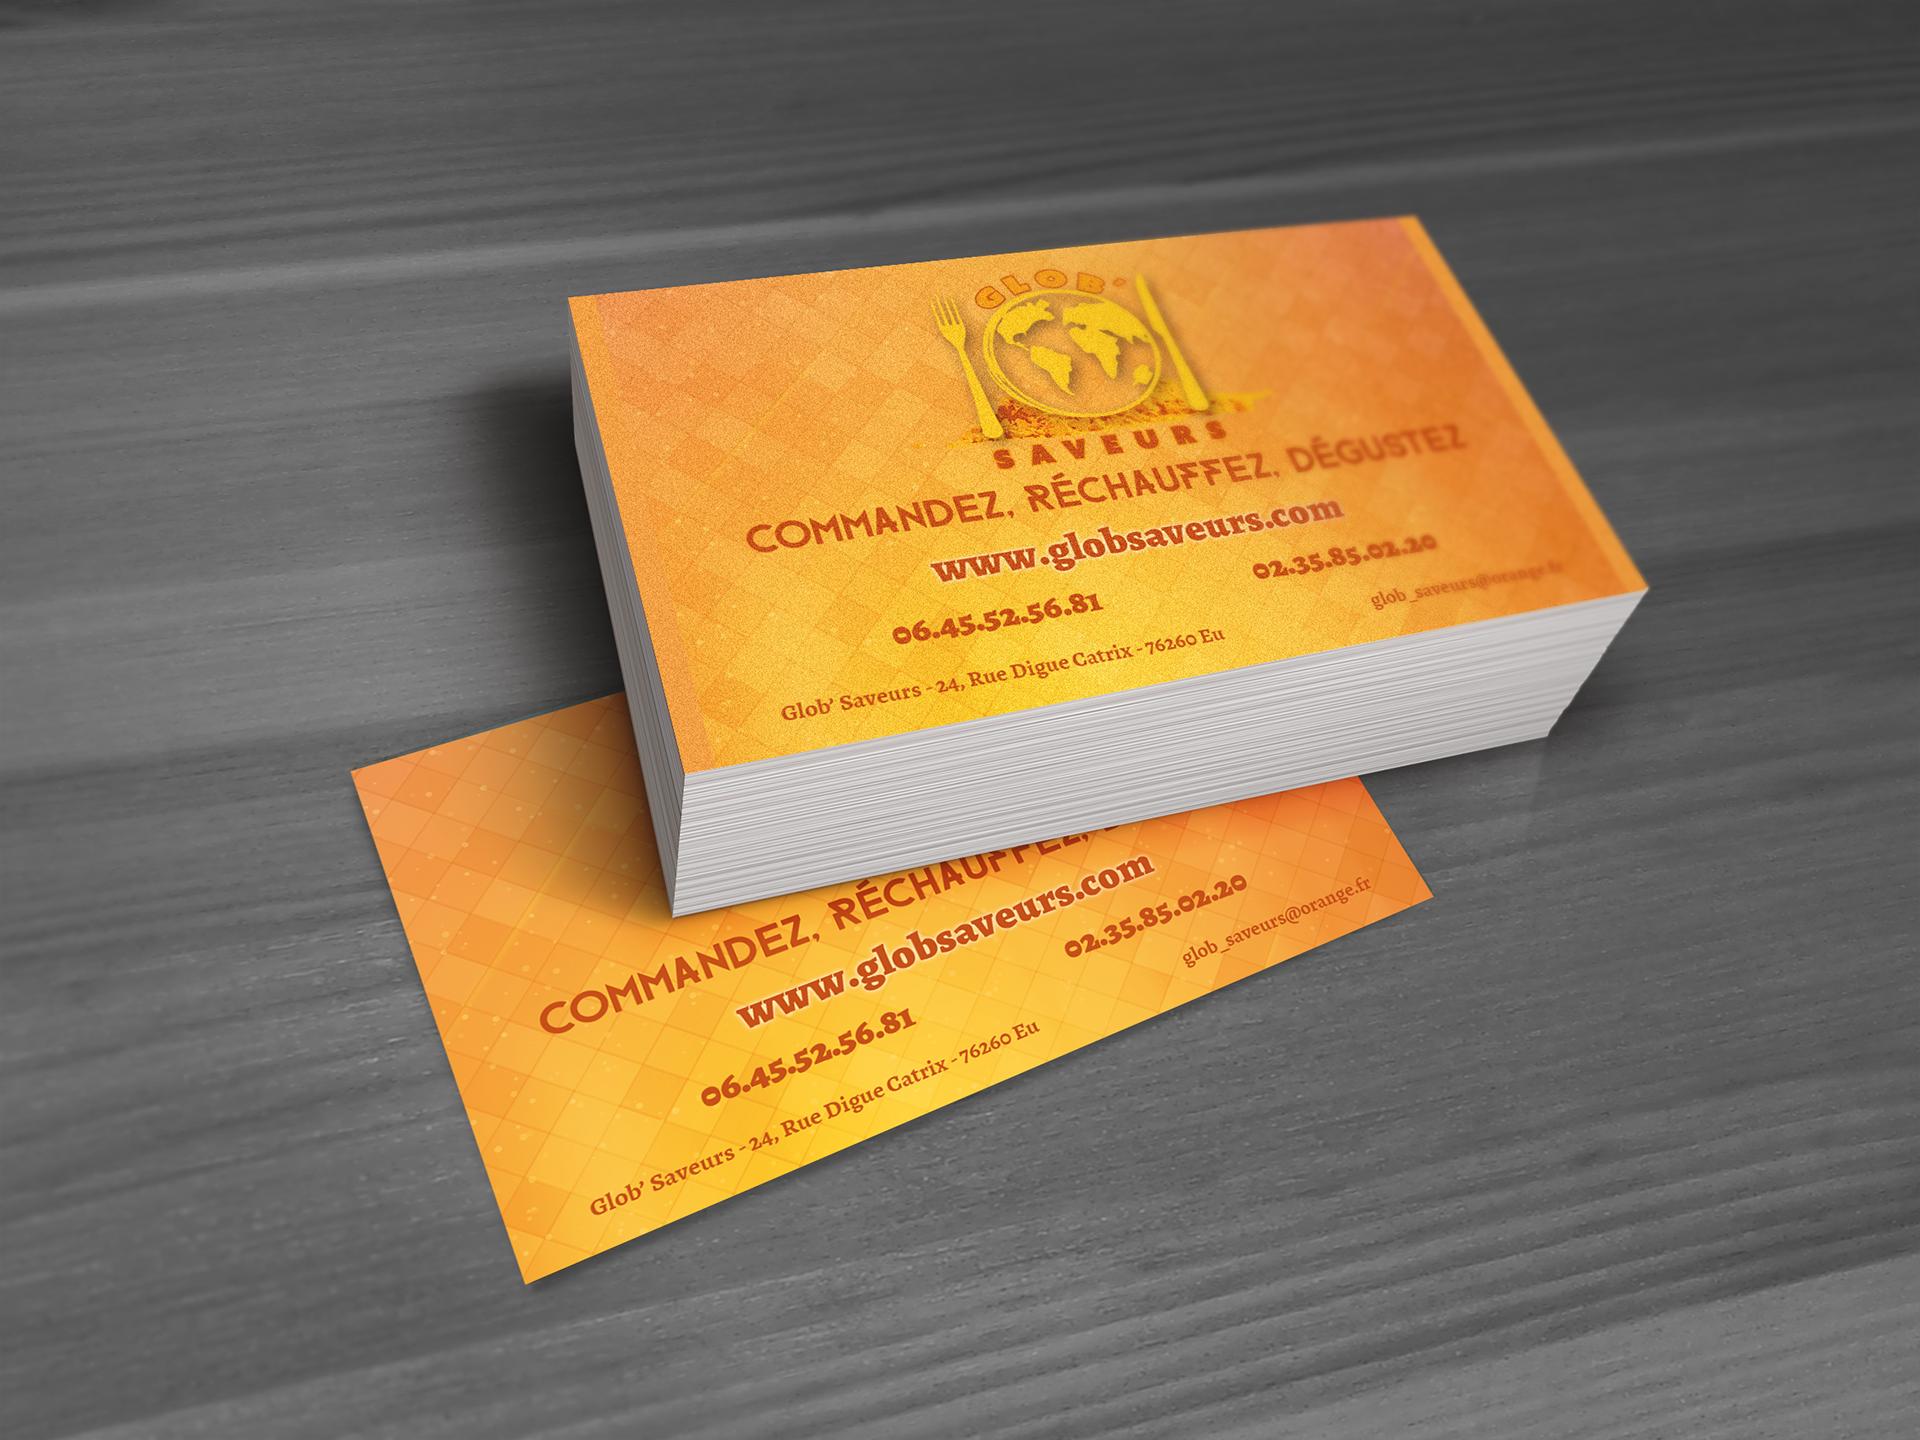 Realisation De Carte Visite Pour Une Entreprise Preparation Repas Par Correspondance